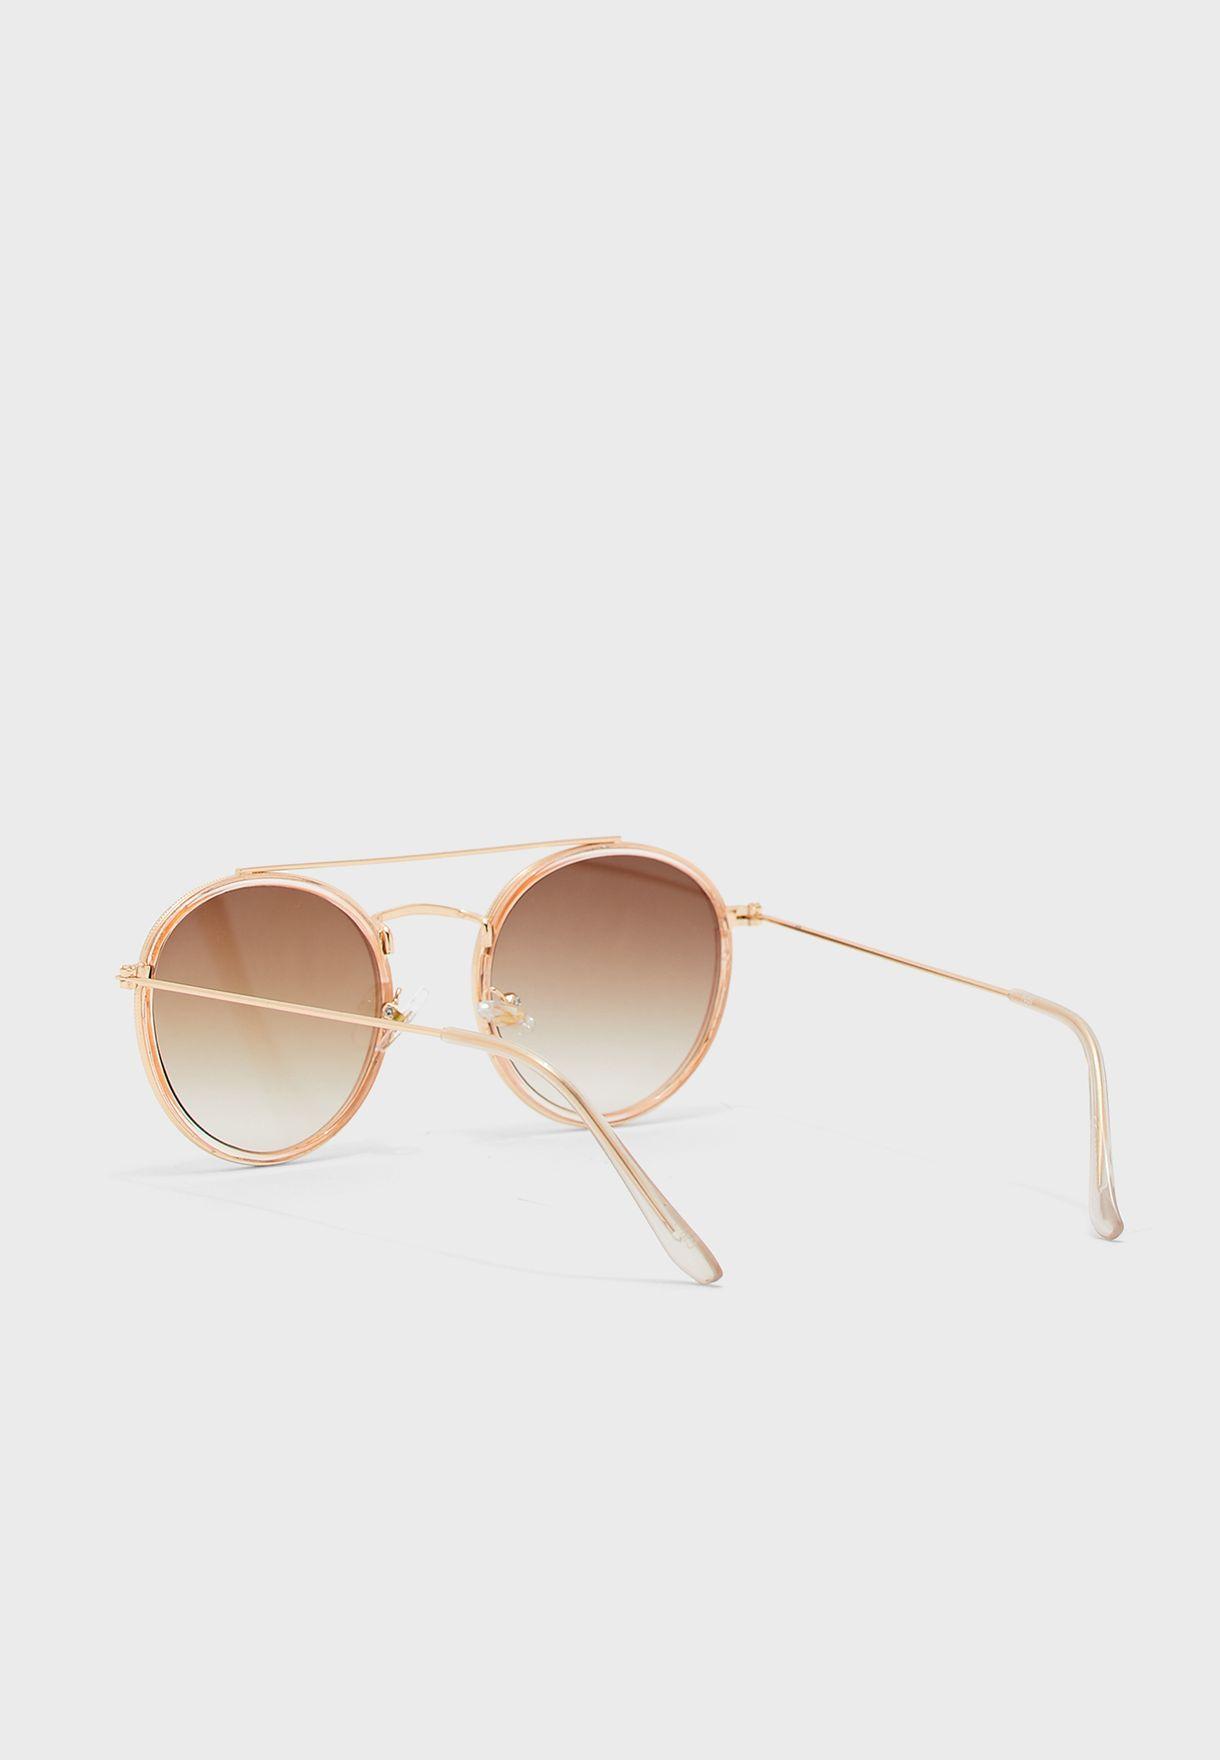 نظارة شمسية بحواف معدنية